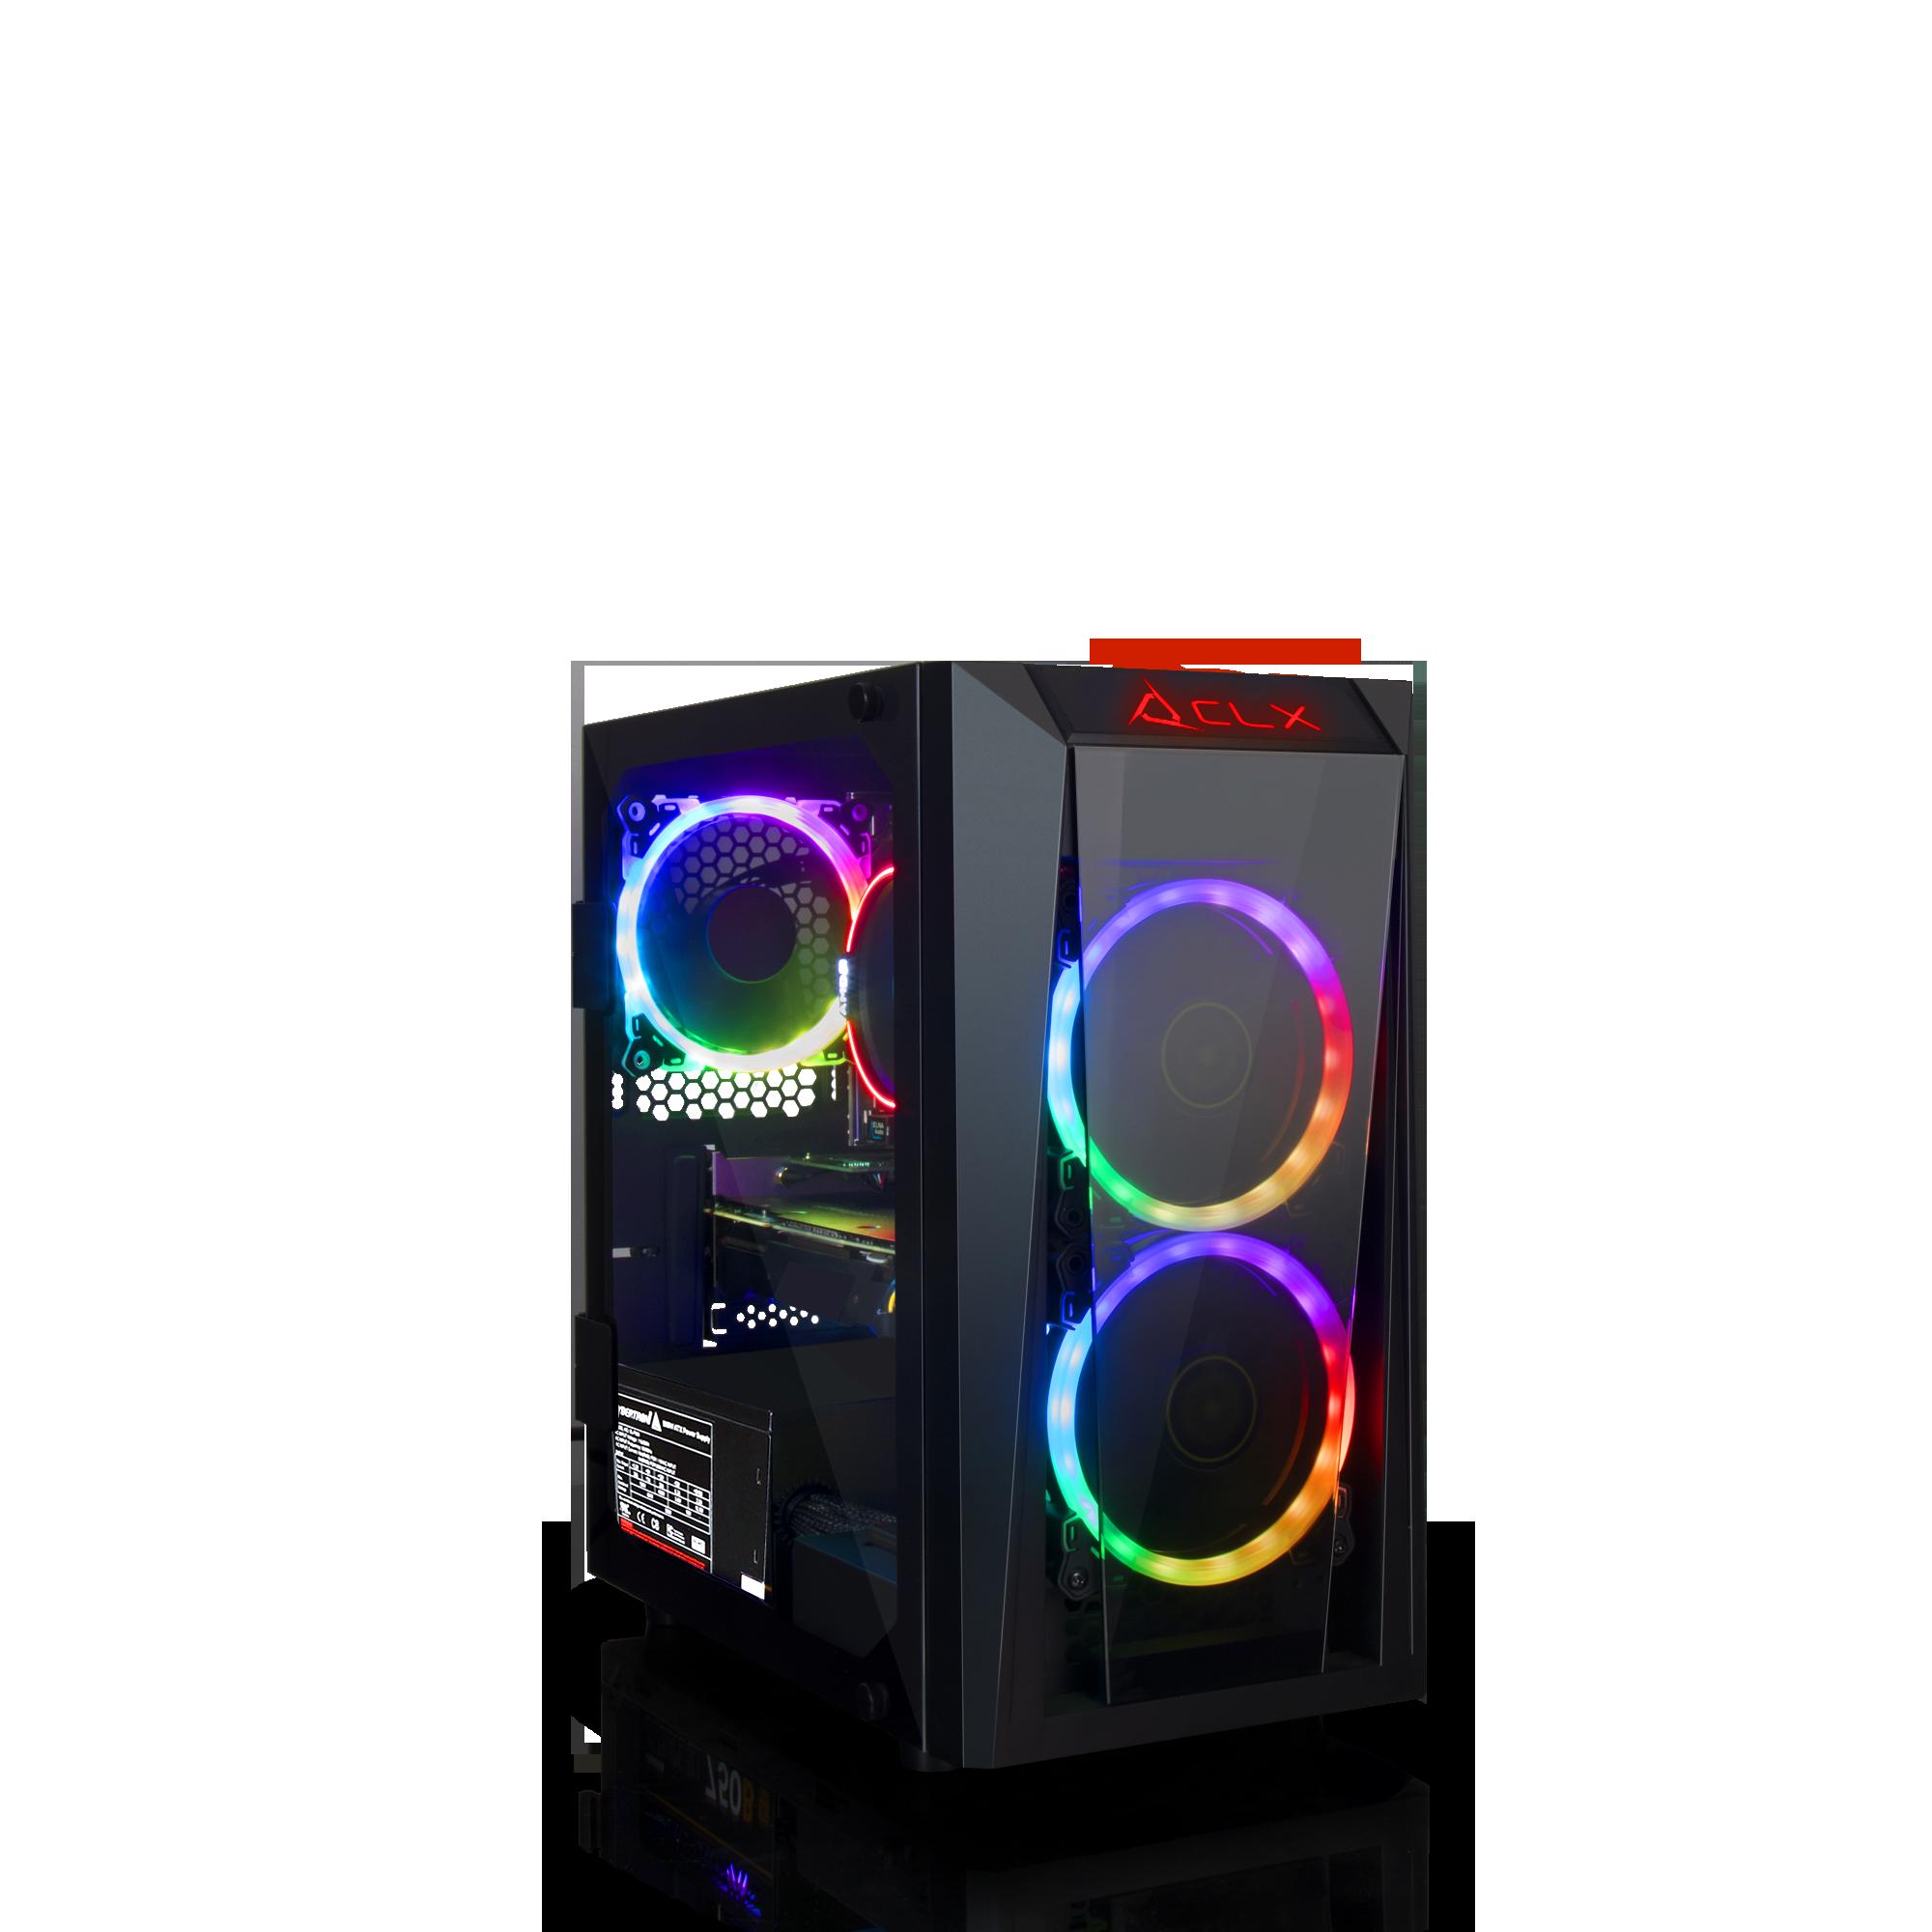 CLX SET GAMING AMD Ryzen 7 2700 3.20GHz, Radeon RX 580 4GB, 8GB Mem, 120 SSD + 1TB HDD